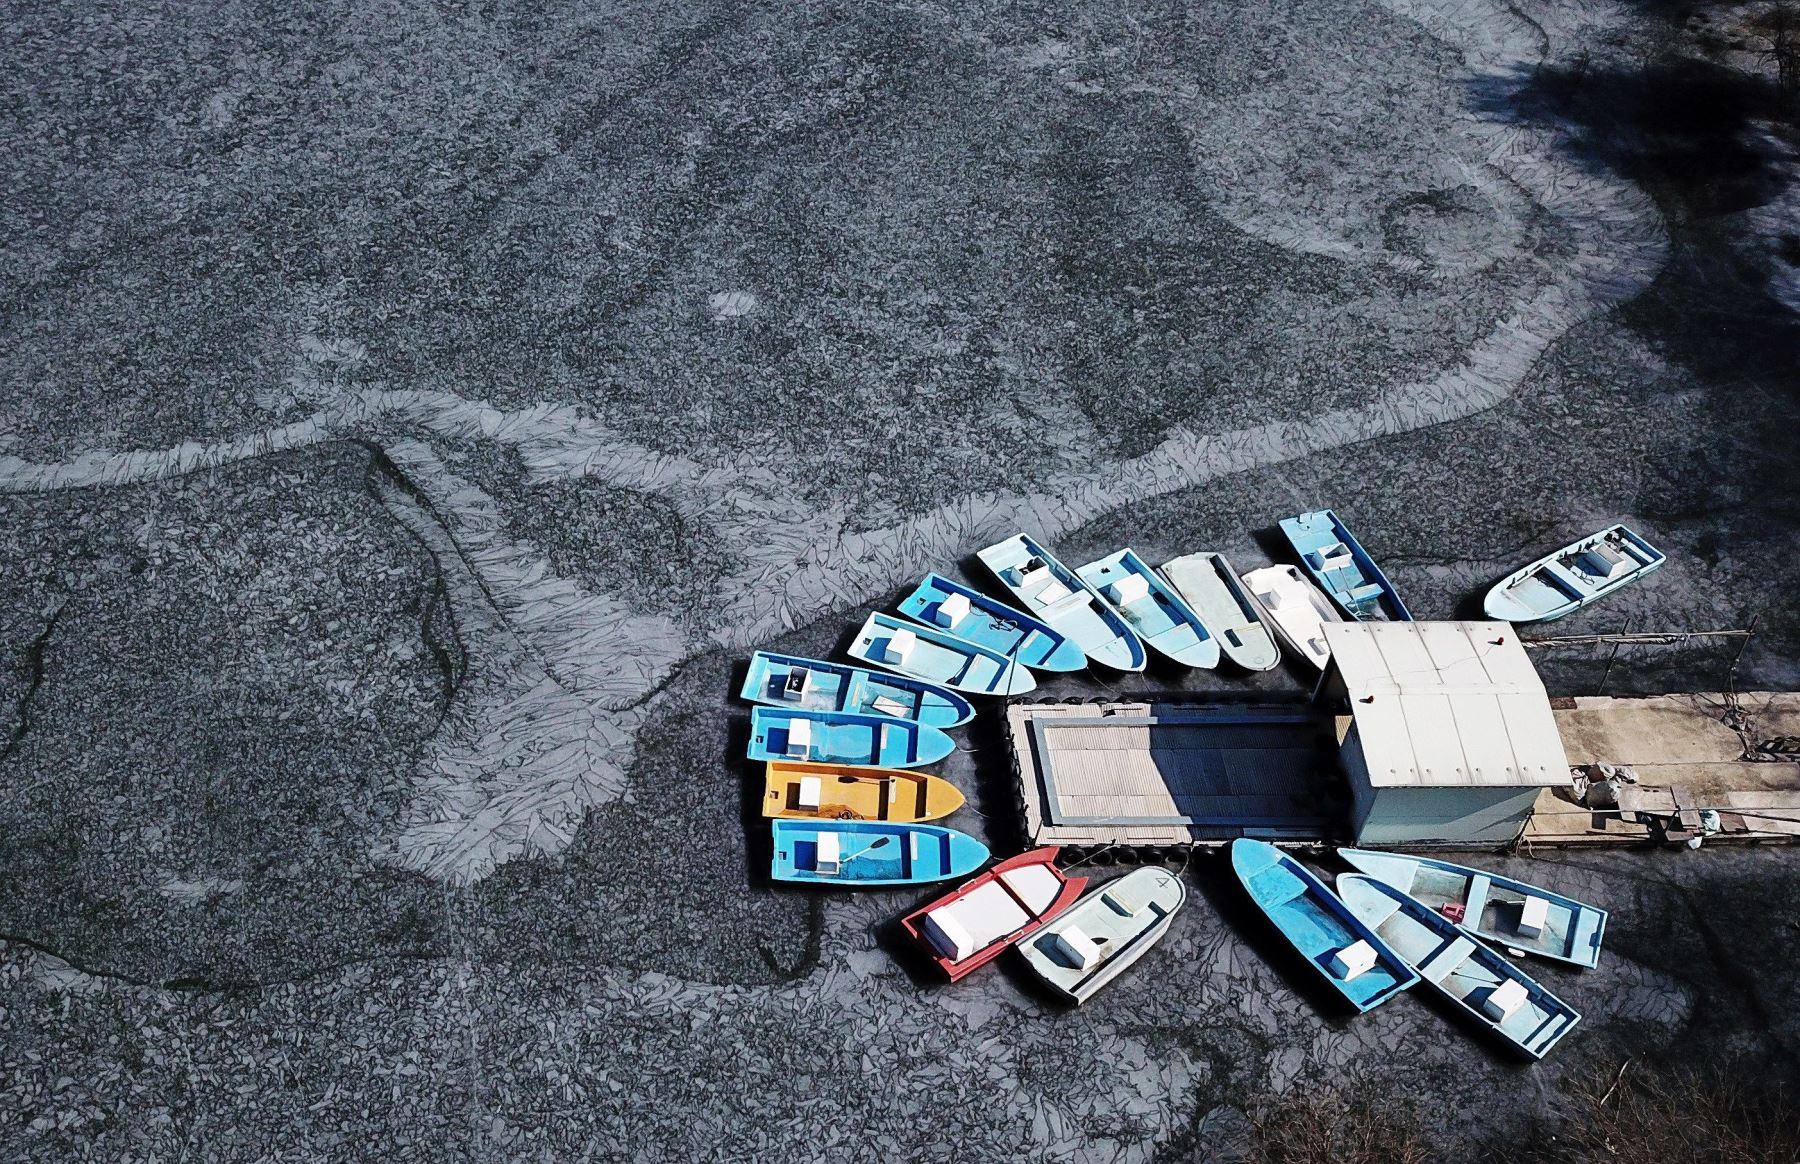 Varios barcos de pesca atracados este lunes en el helado lago Geumgwang en Anseong (Corea del Sur). Se prevén temperaturas de ocho grados bajo cero esta semana en la zona. EFE/ Yonhap